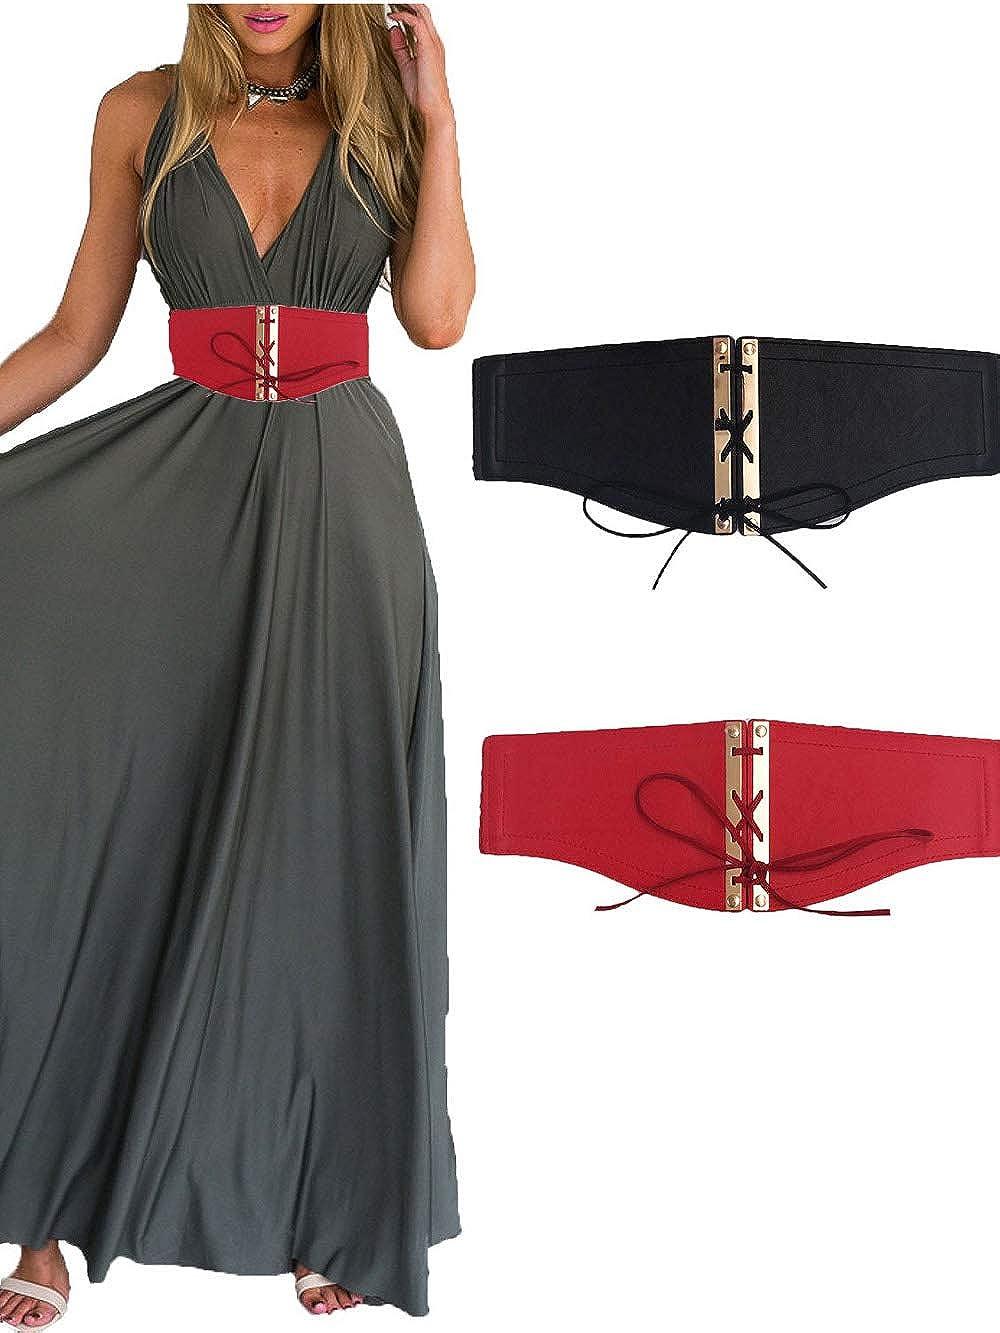 PACU 2 Pezzi Cintura Vita Alta Elasticizzata Donna Larga Elastica Nera Rosso Pelle Modo Elegante Accessori Cuoio Regolabile con Fibbia Oro Cintura Obi Sottile Decorativa per Vestito Jeans Ragazze